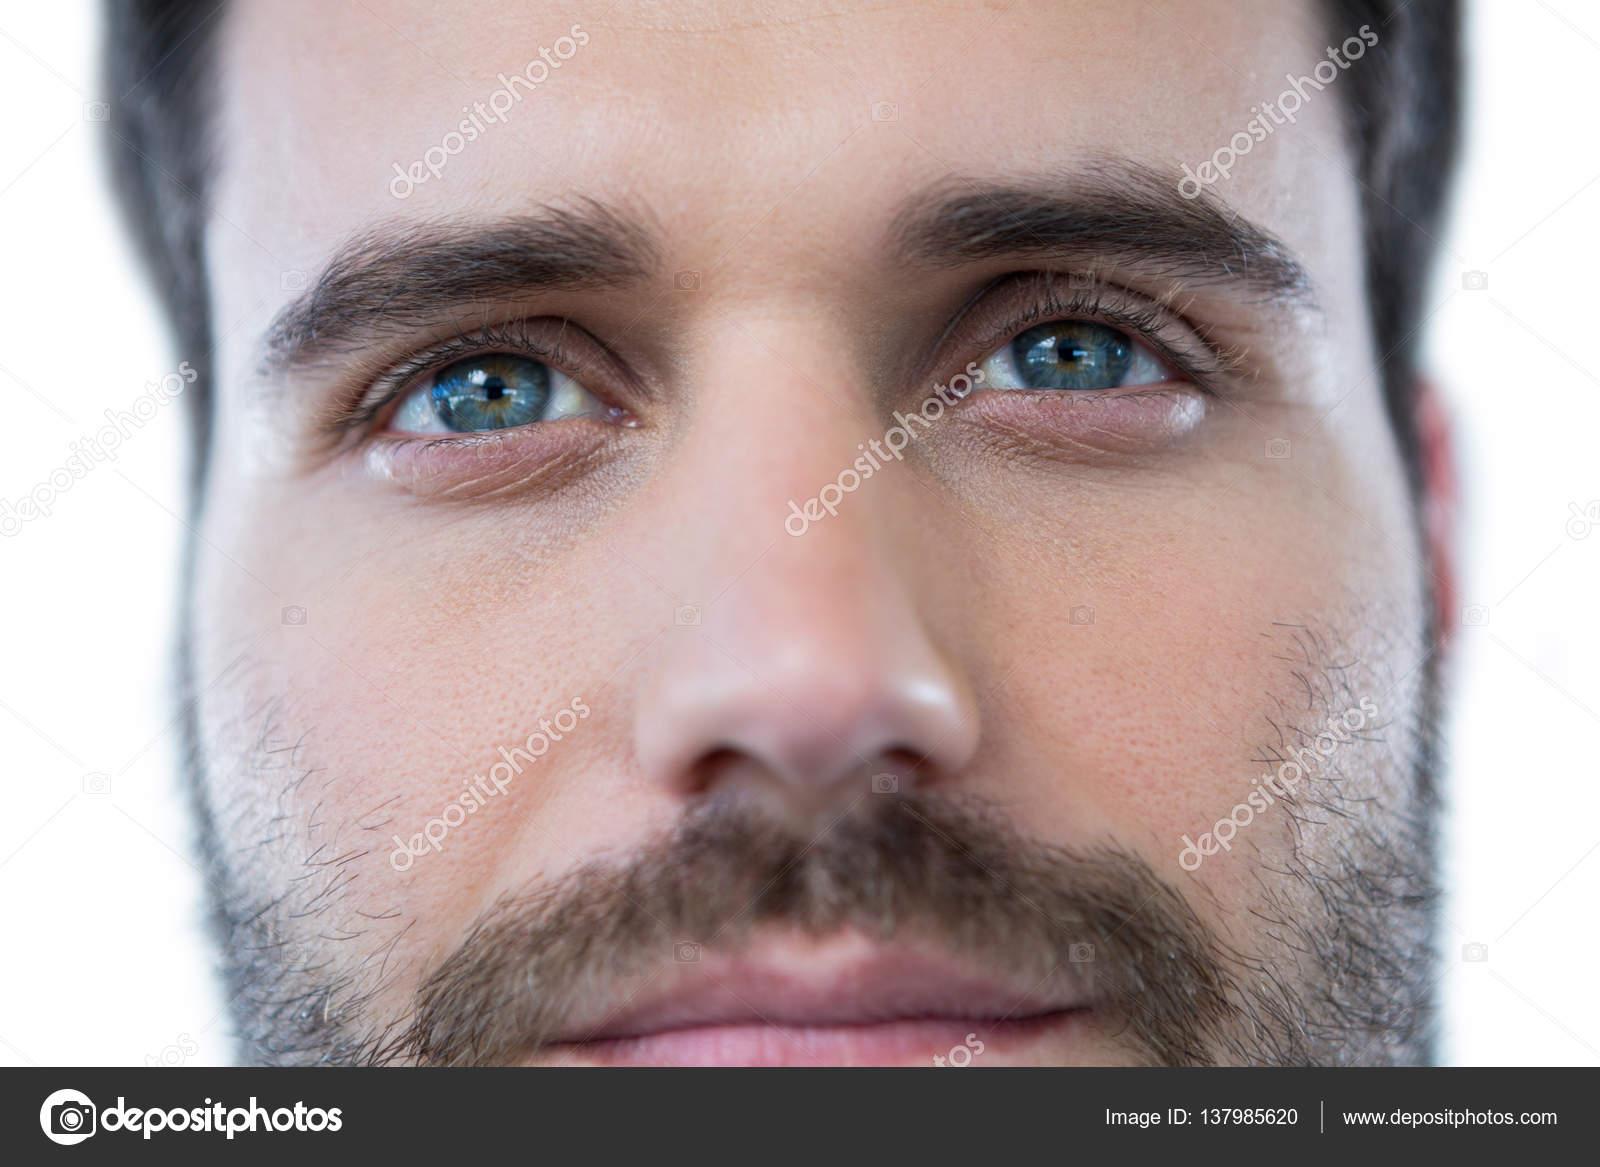 Fotos Ojos Verdes Hombres Hombre Con Ojos Verdes Foto De Stock